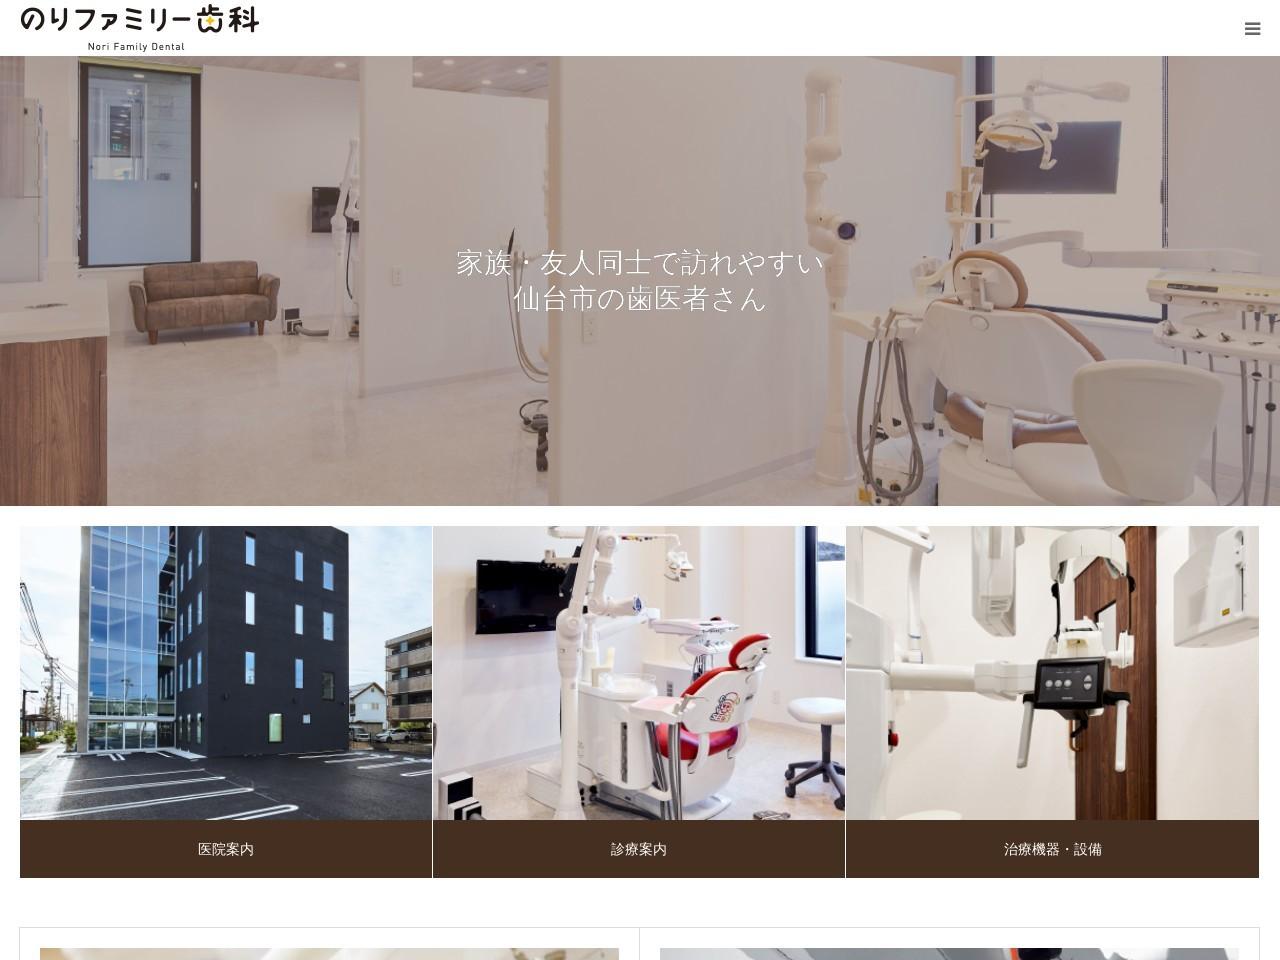 のりファミリー歯科 (宮城県仙台市太白区)